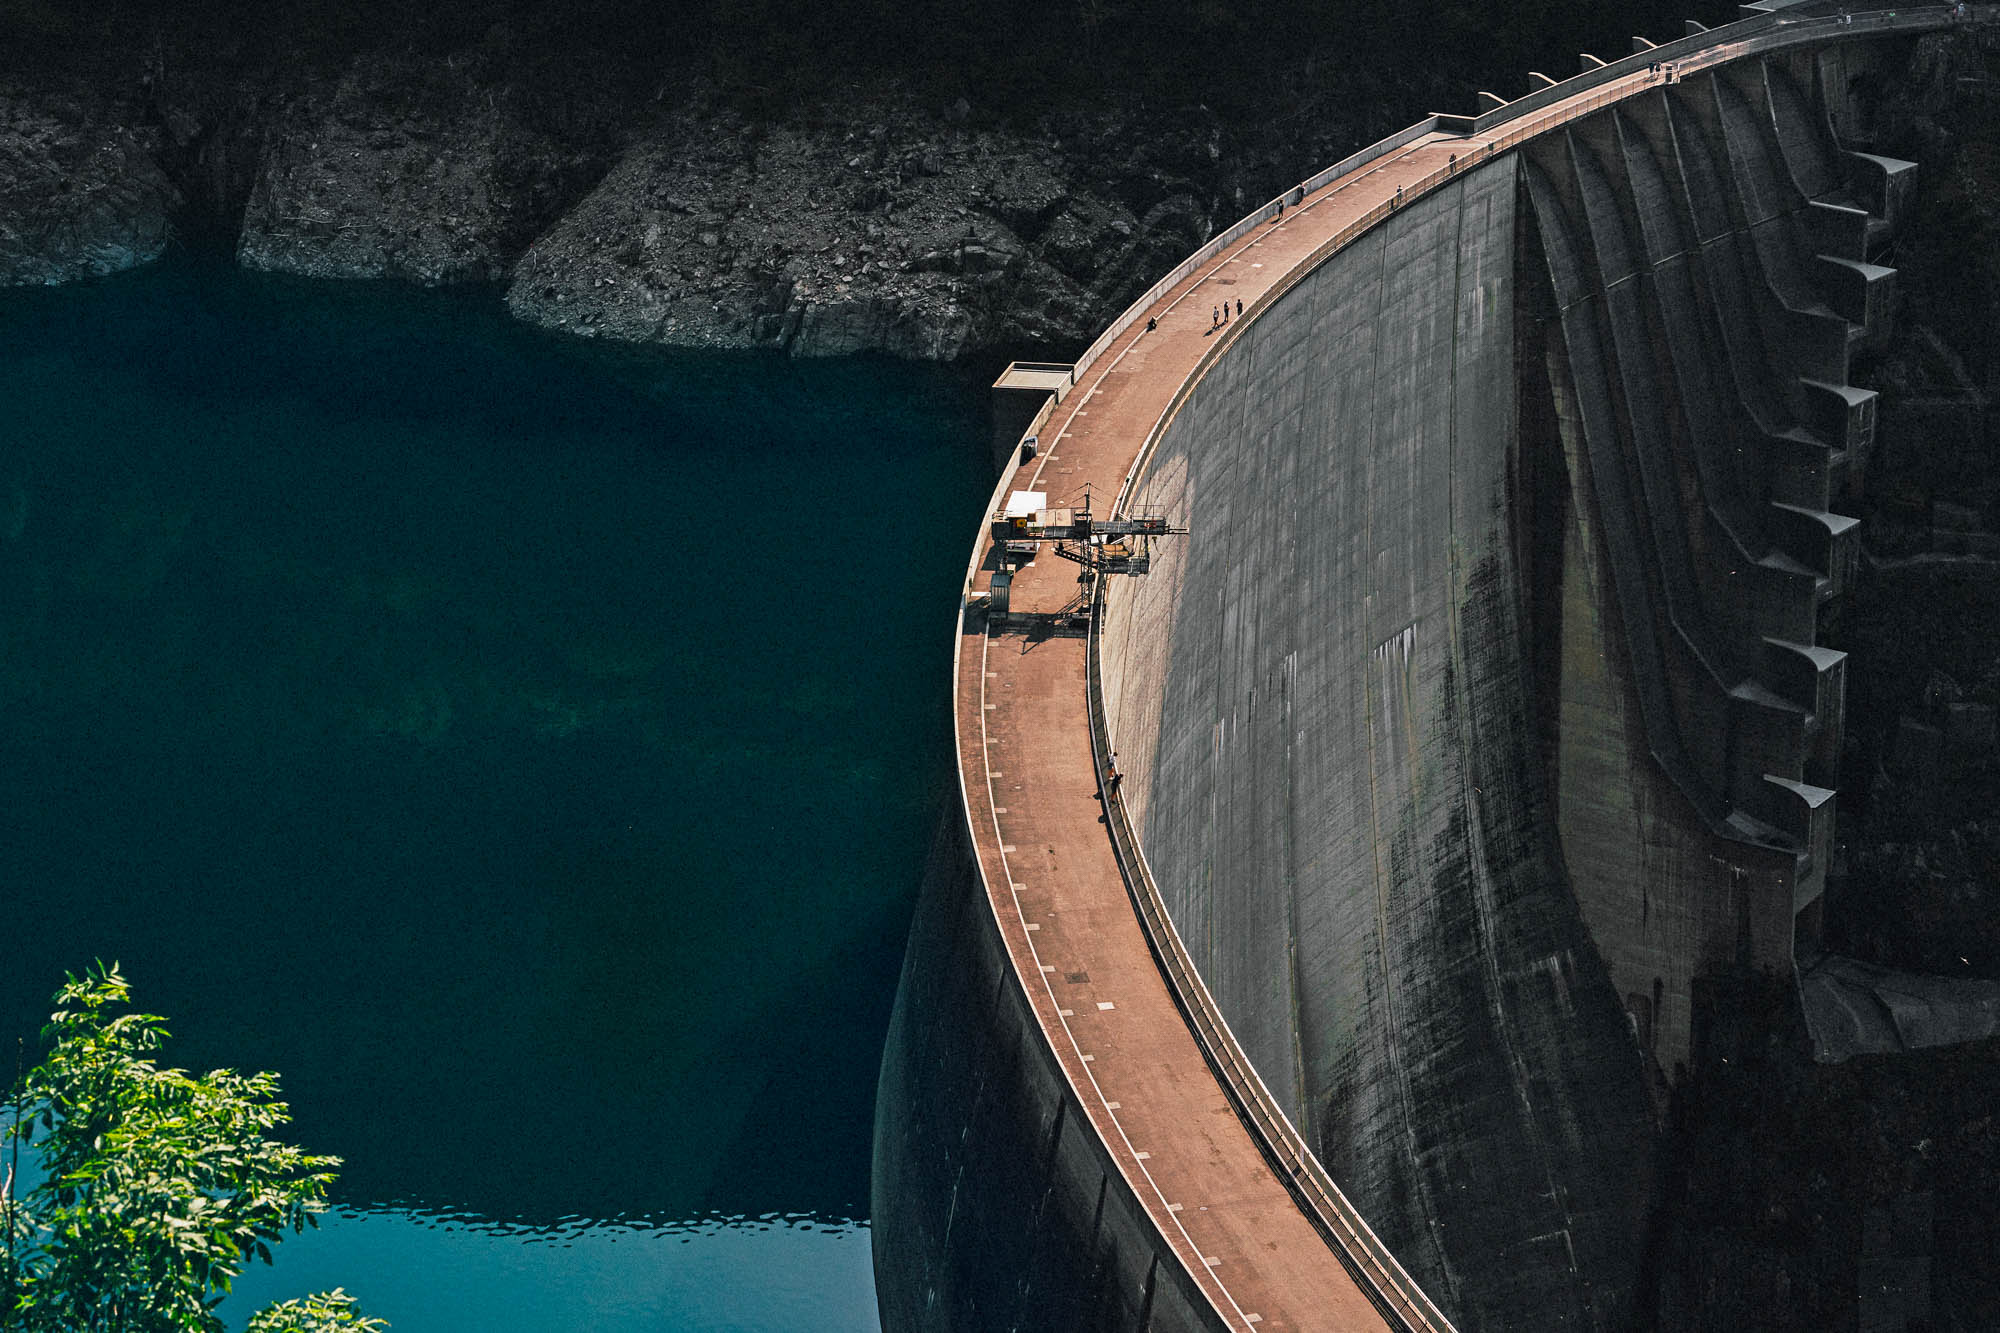 Der Verzasca-Staudamm mit einer der höchsten Bungeesprunganlage der Welt